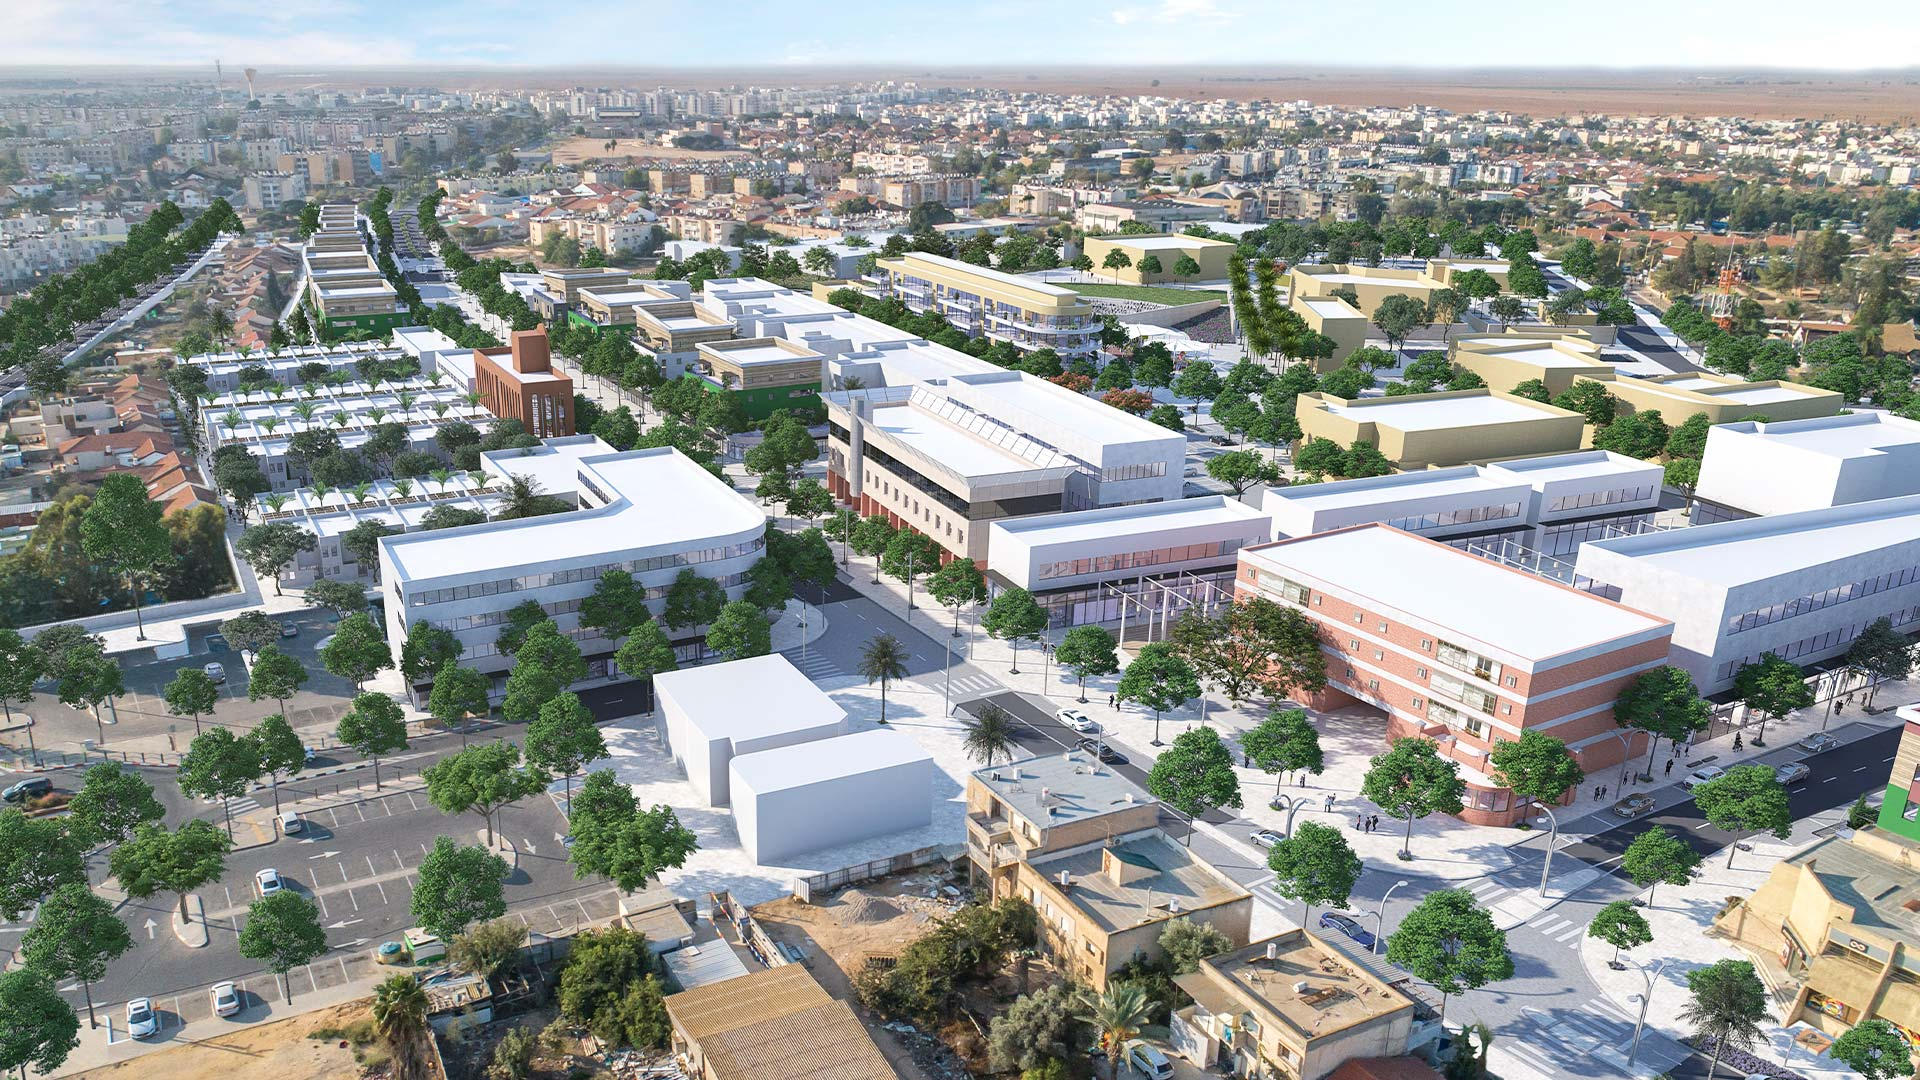 הדמיה של מרכז עיר